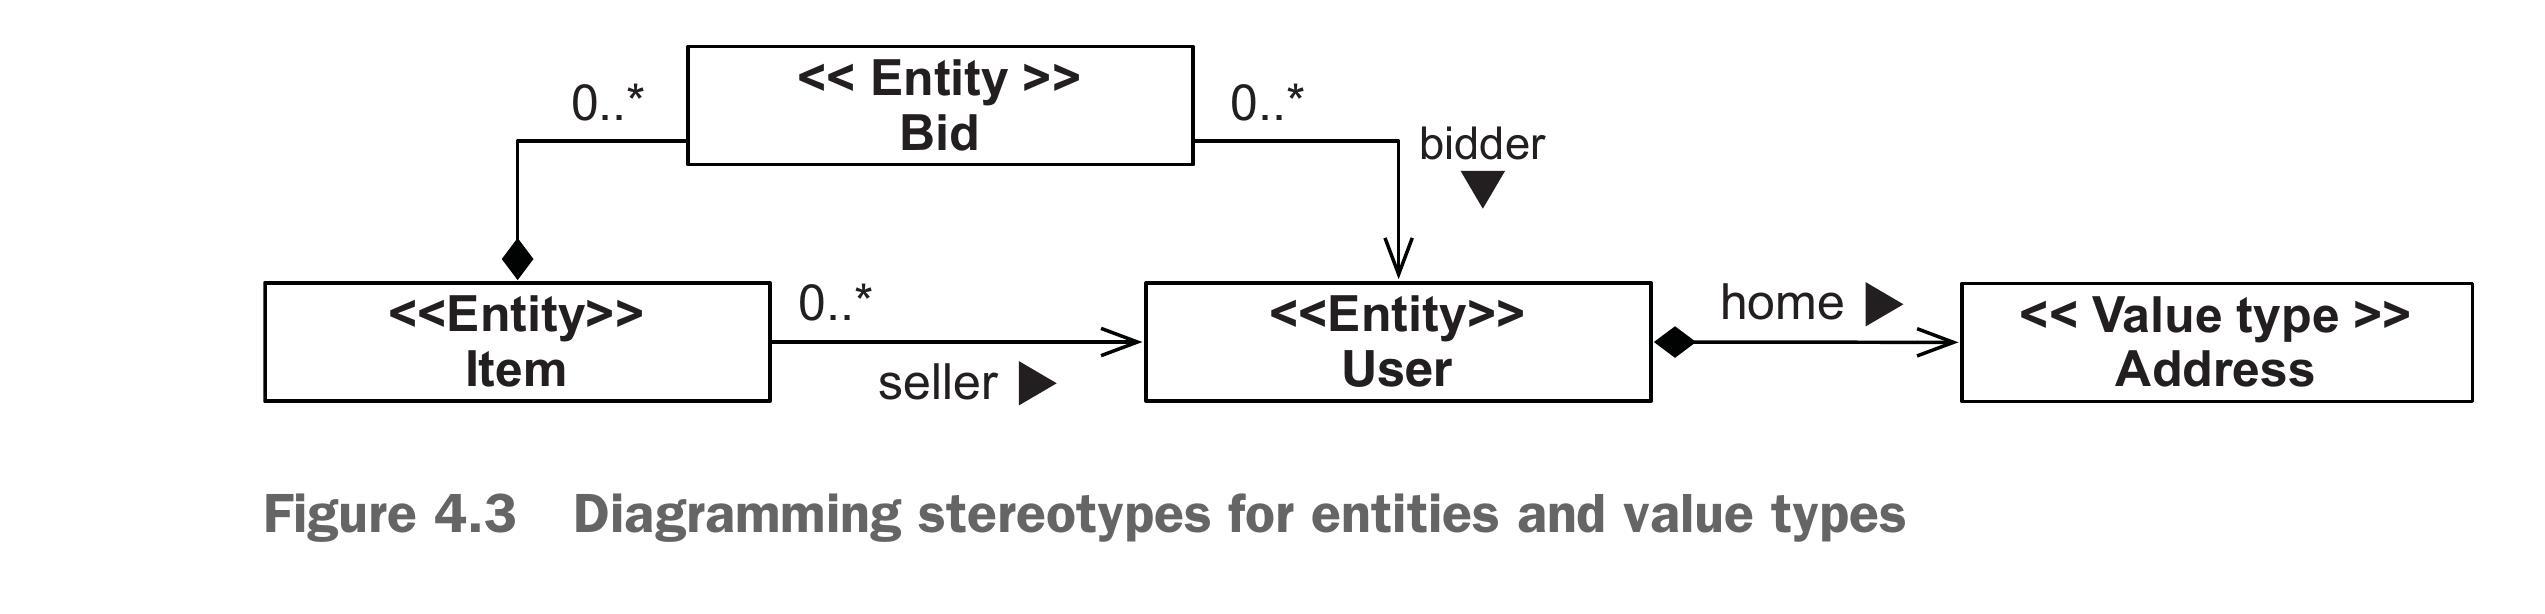 دیاگرام ارتباط entity ها با value type ها